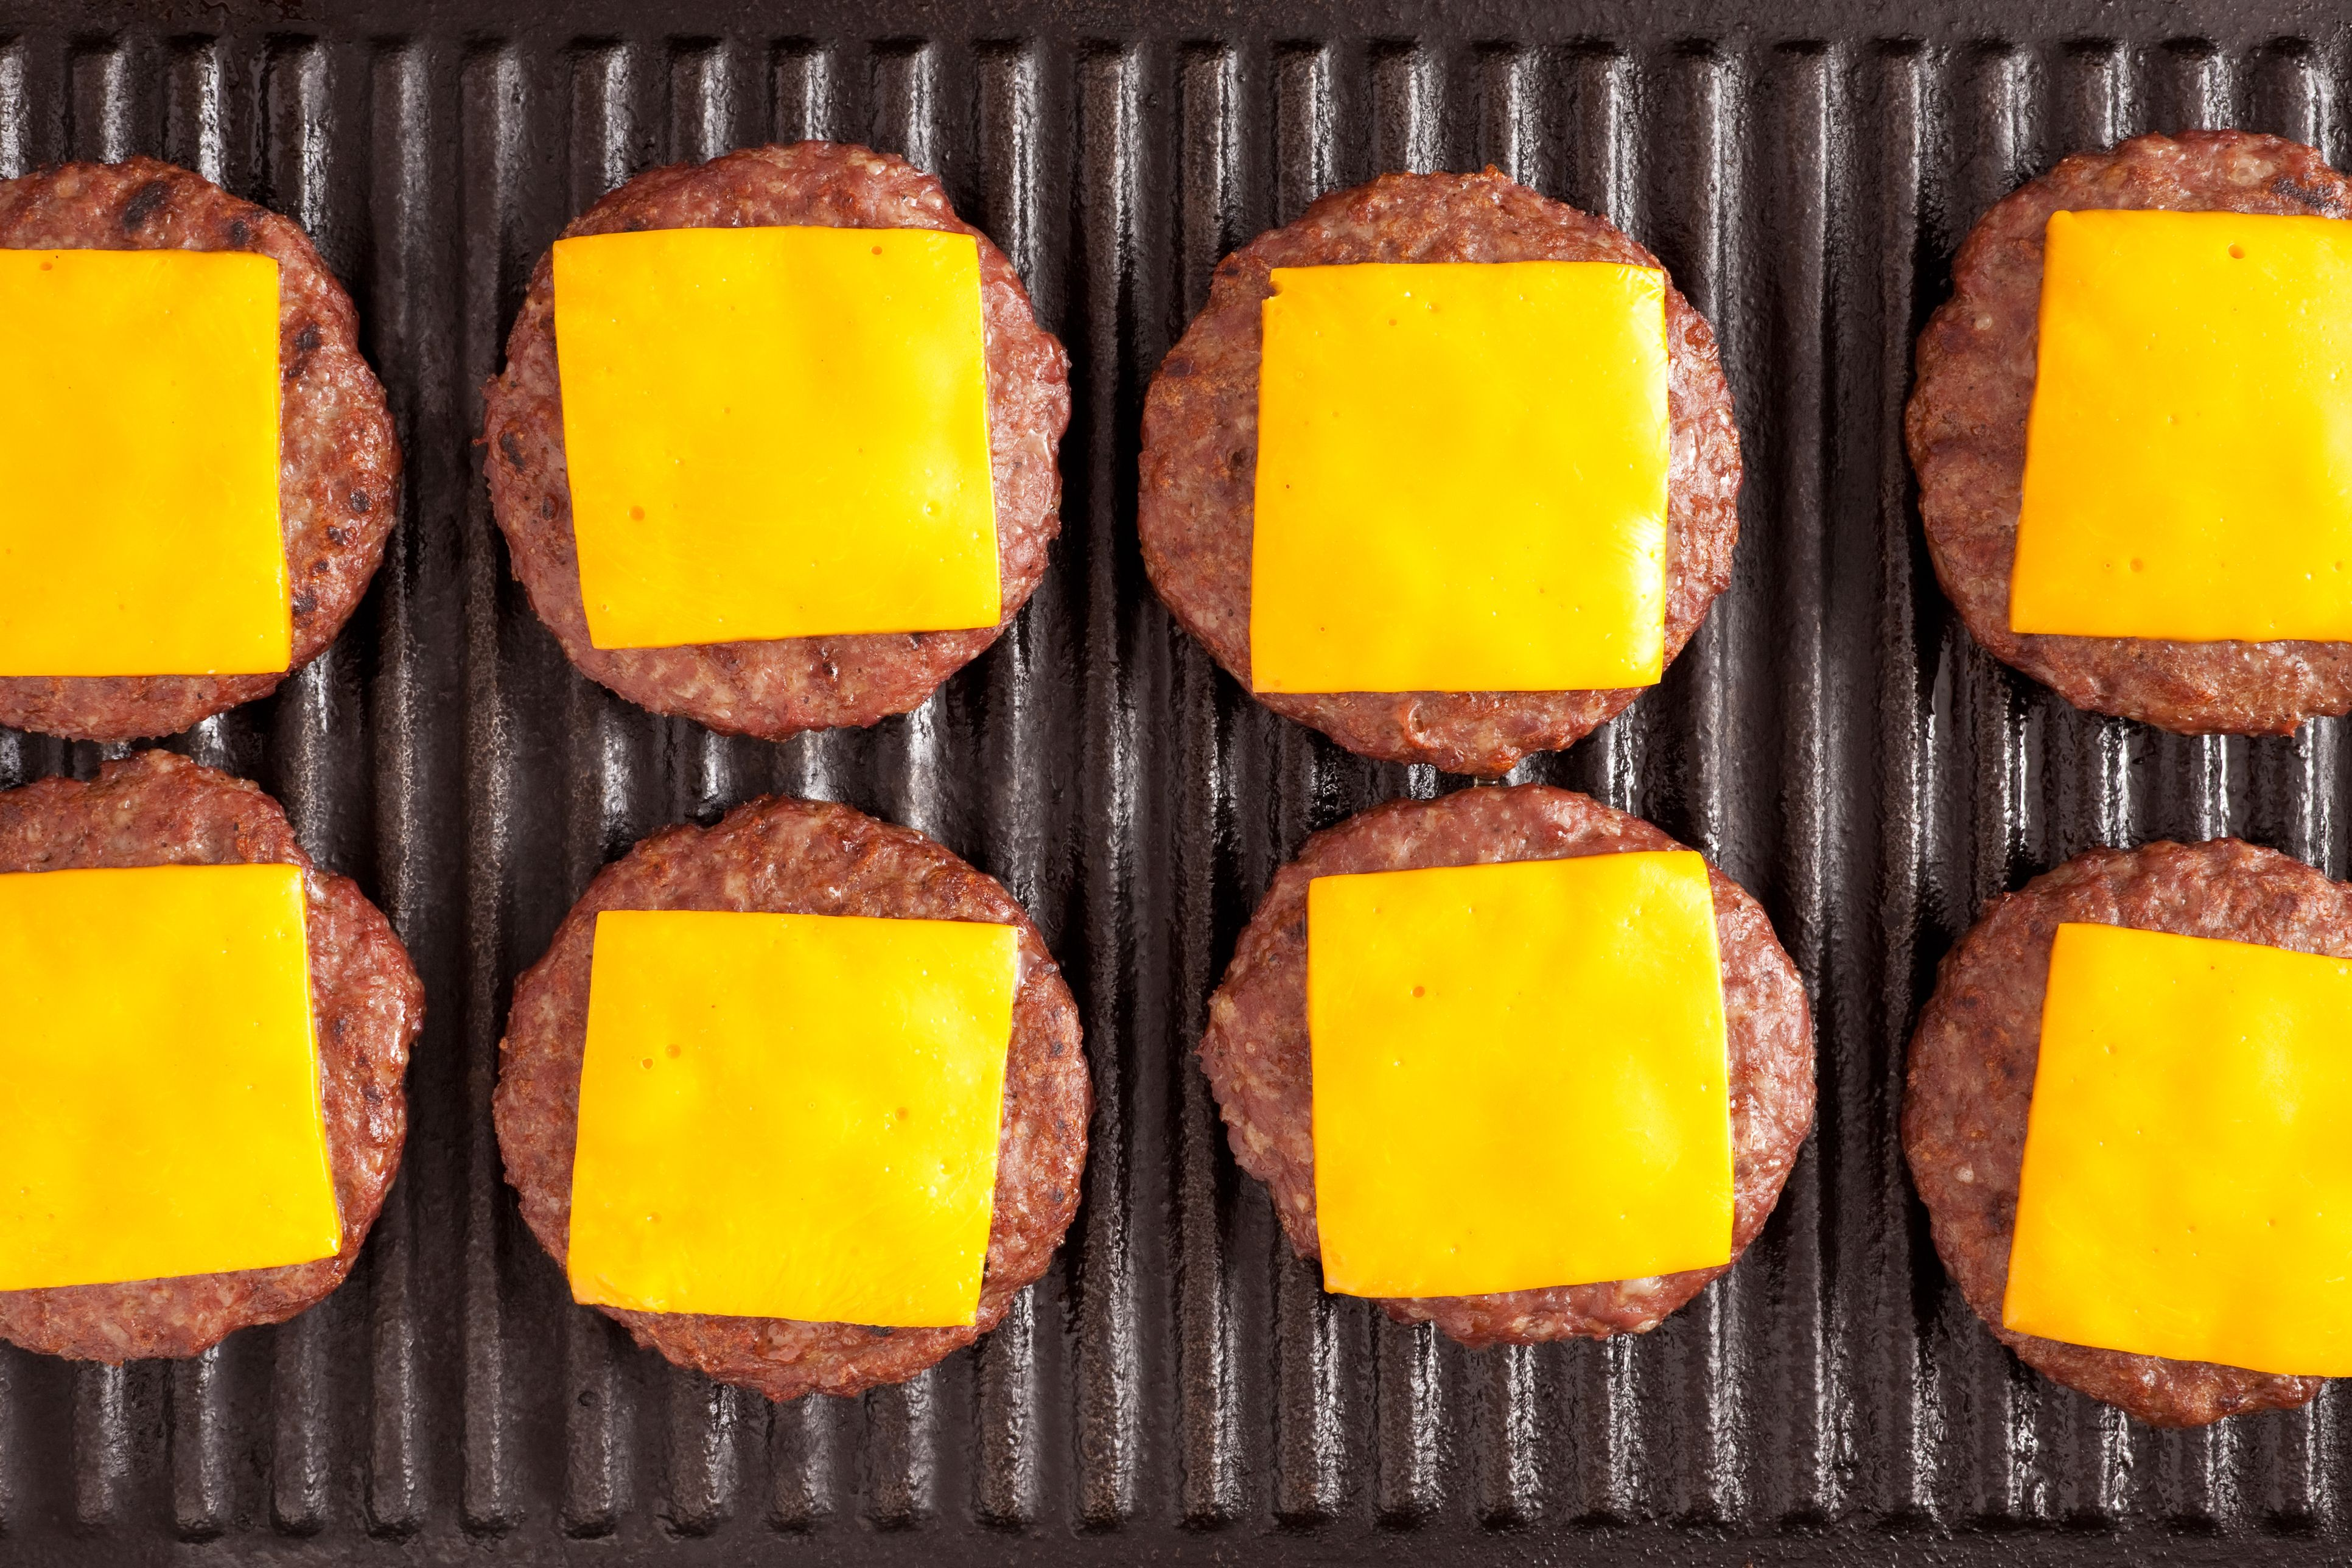 ¿cuál es la diferencia entre la dieta cetosis y la dieta atkins?